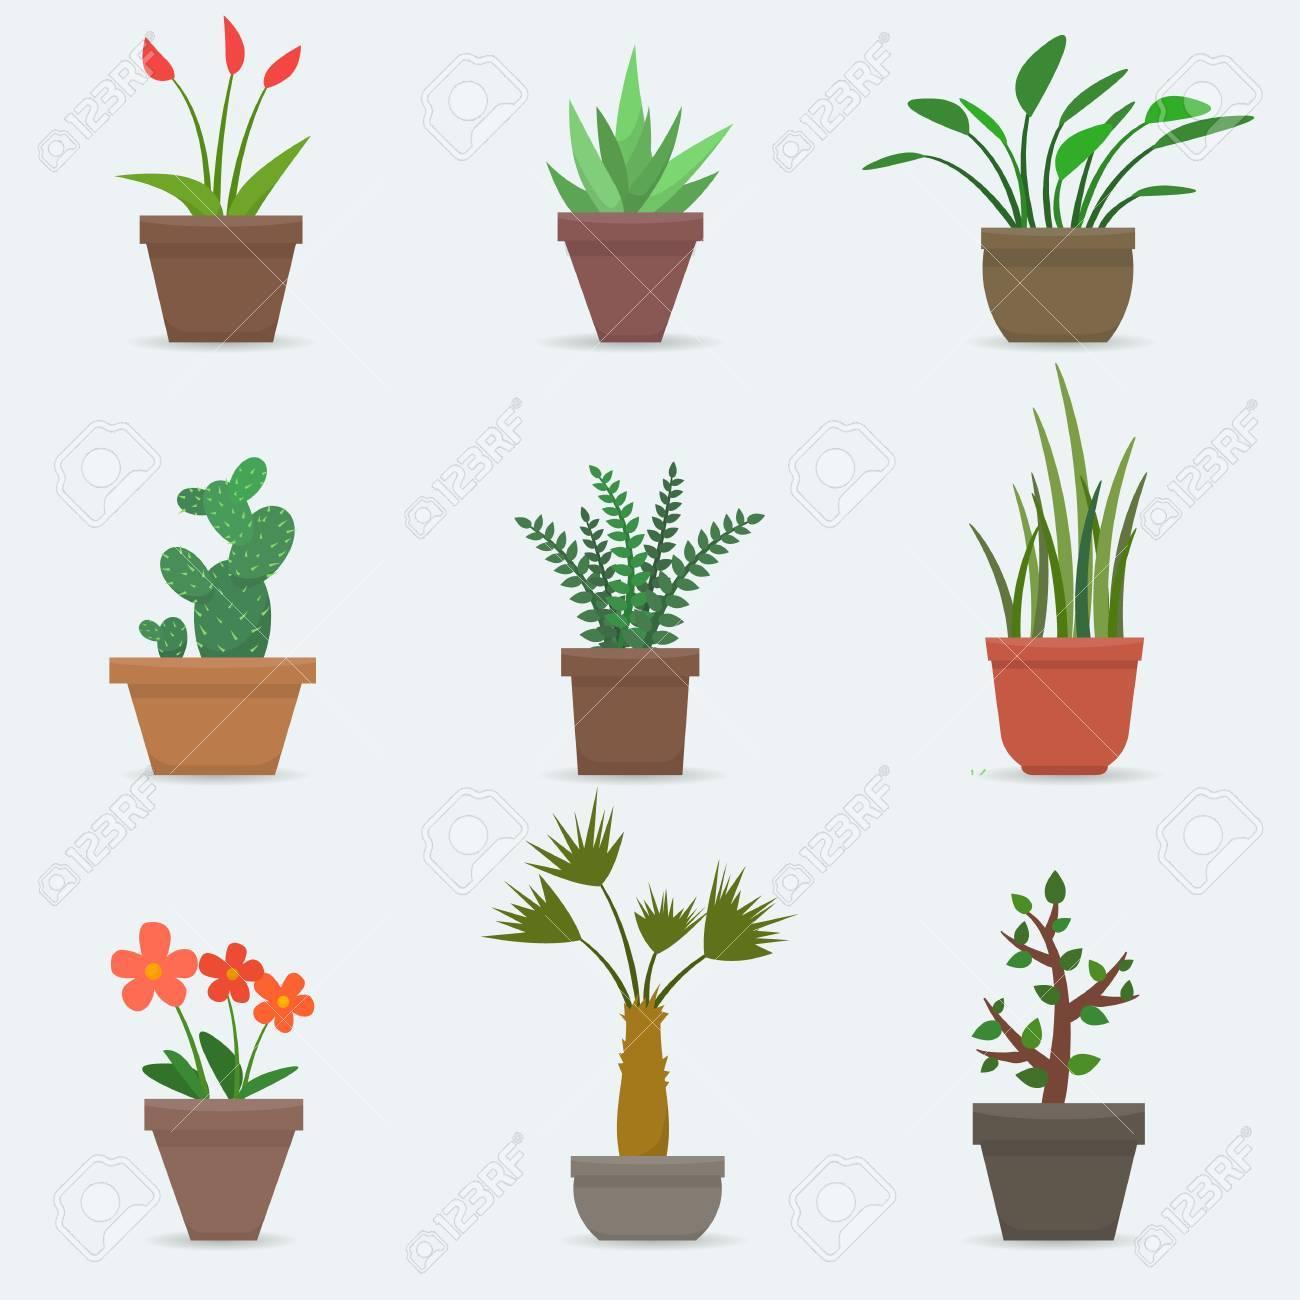 Blumen Für Die Wohnung zimmerpflanzen und blumen in töpfen. wohnung stil vektor